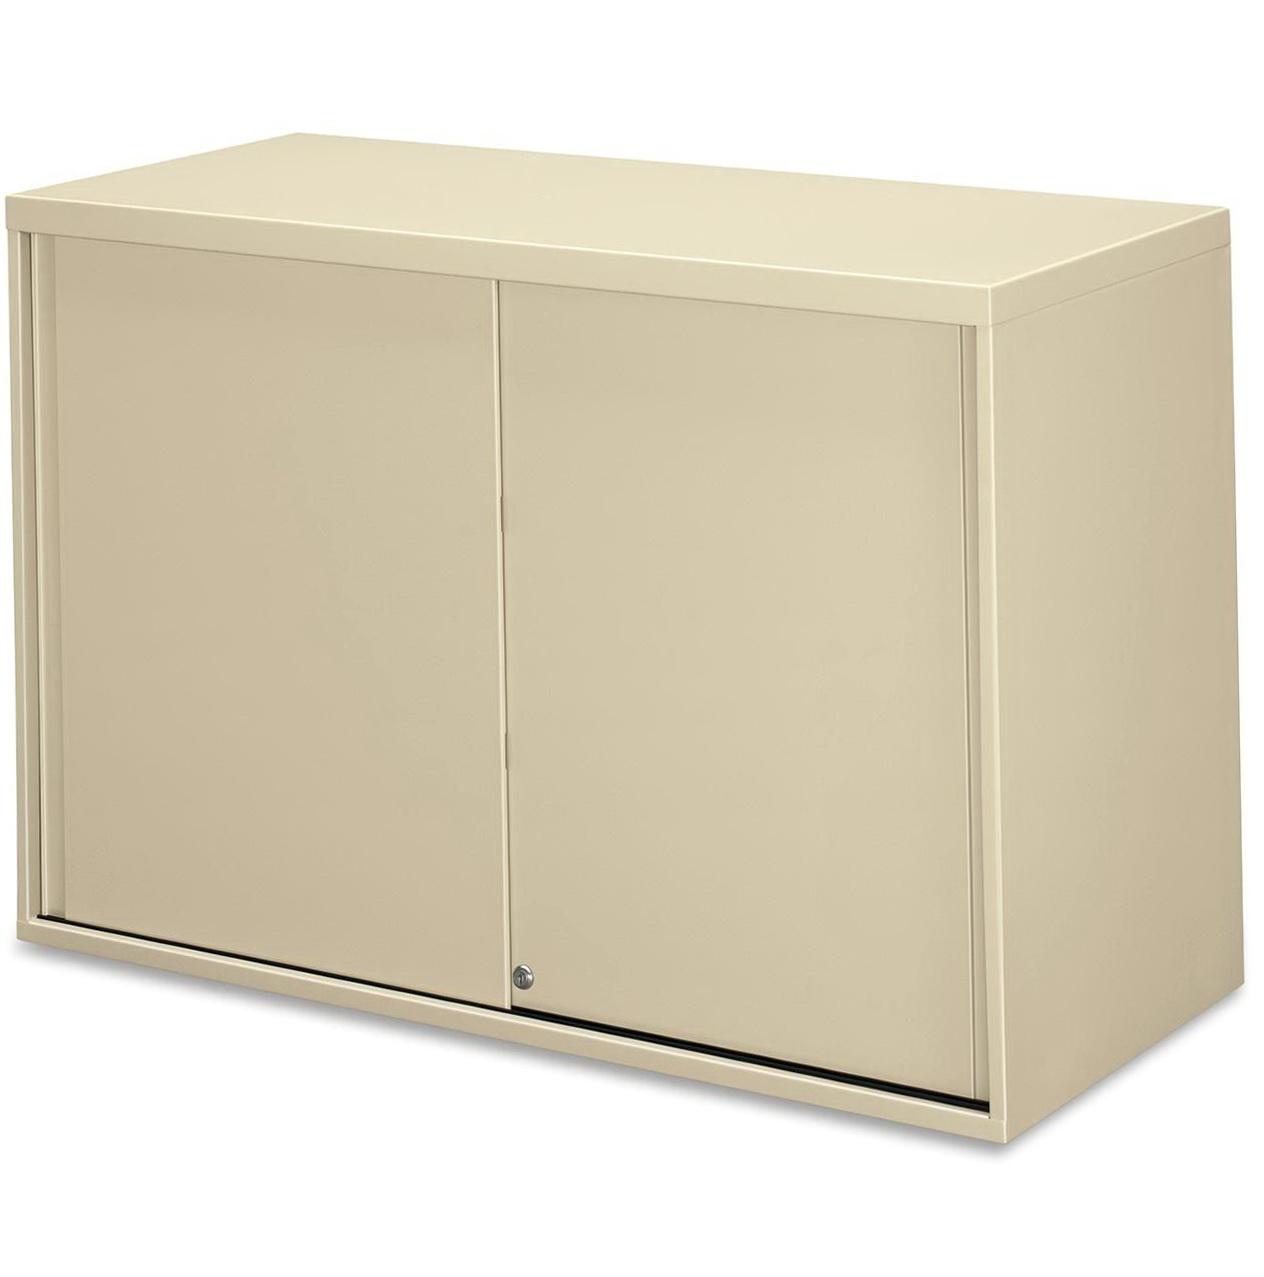 Locking Storage Cabinet Home Depot